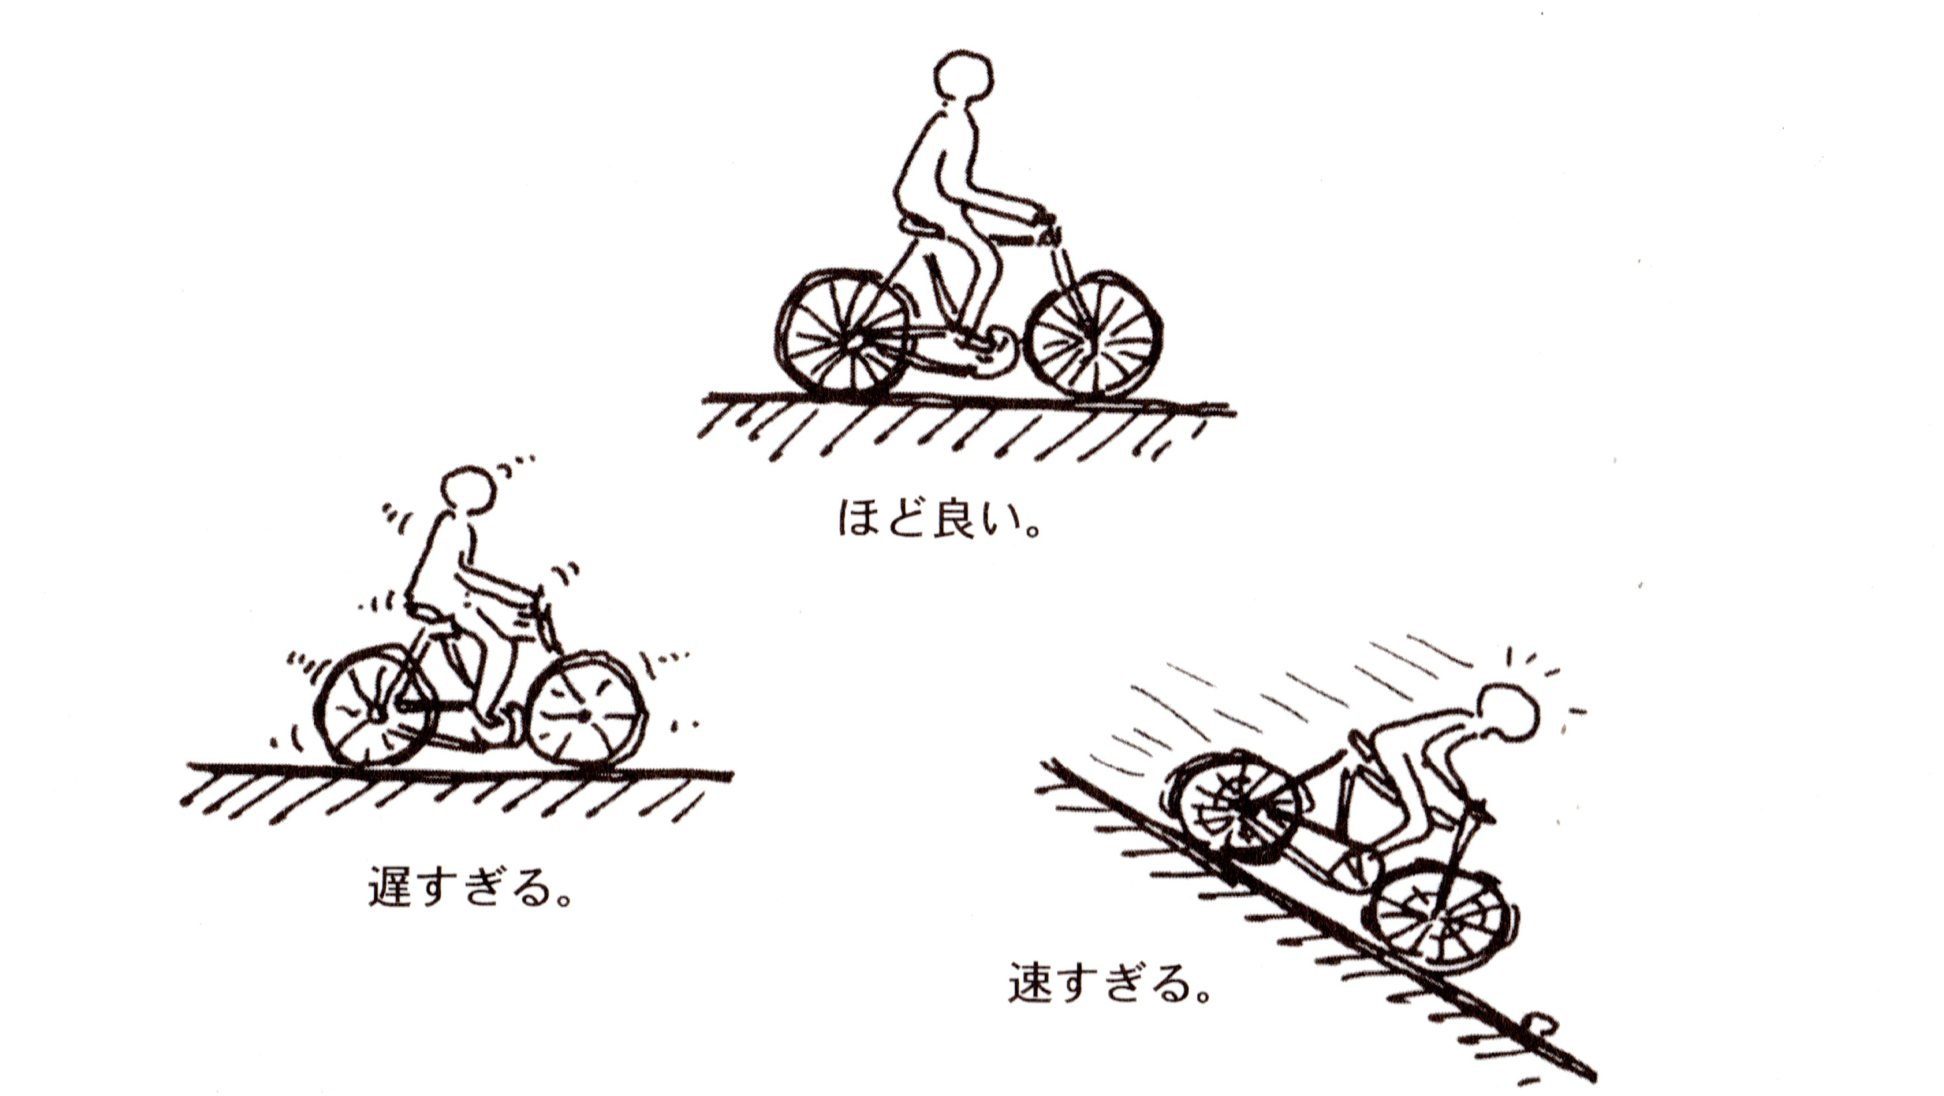 出典:東京都市大学教授 宿谷昌則著 エクセルギーと環境の理論